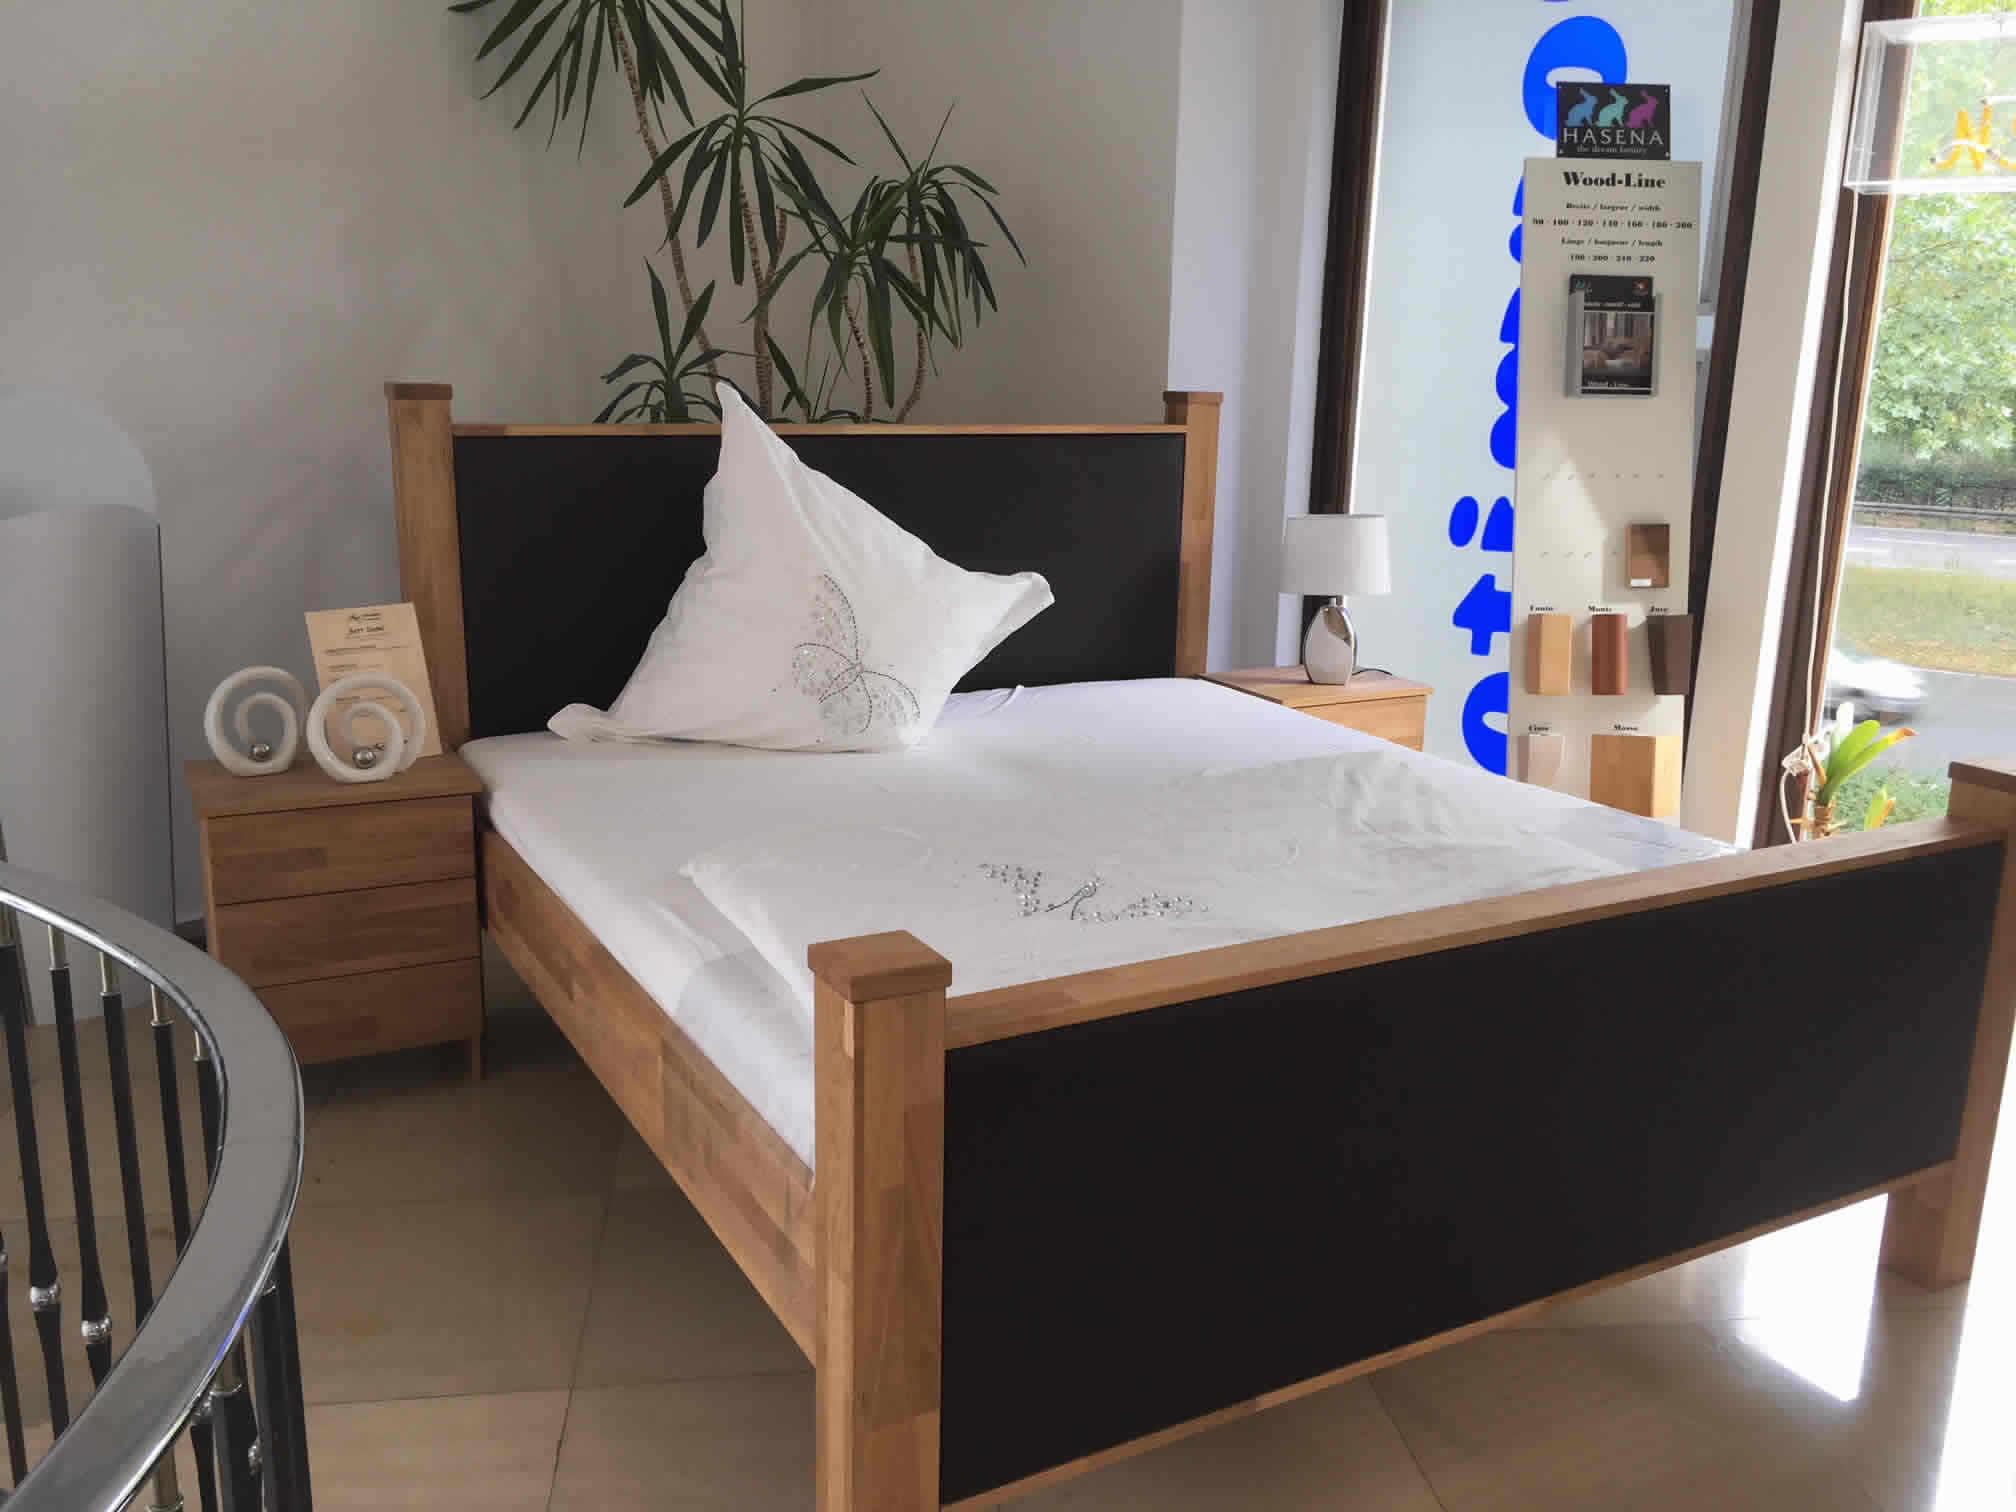 essener matratzen hersteller fertigt matratzen genau f r ihren r cken an. Black Bedroom Furniture Sets. Home Design Ideas